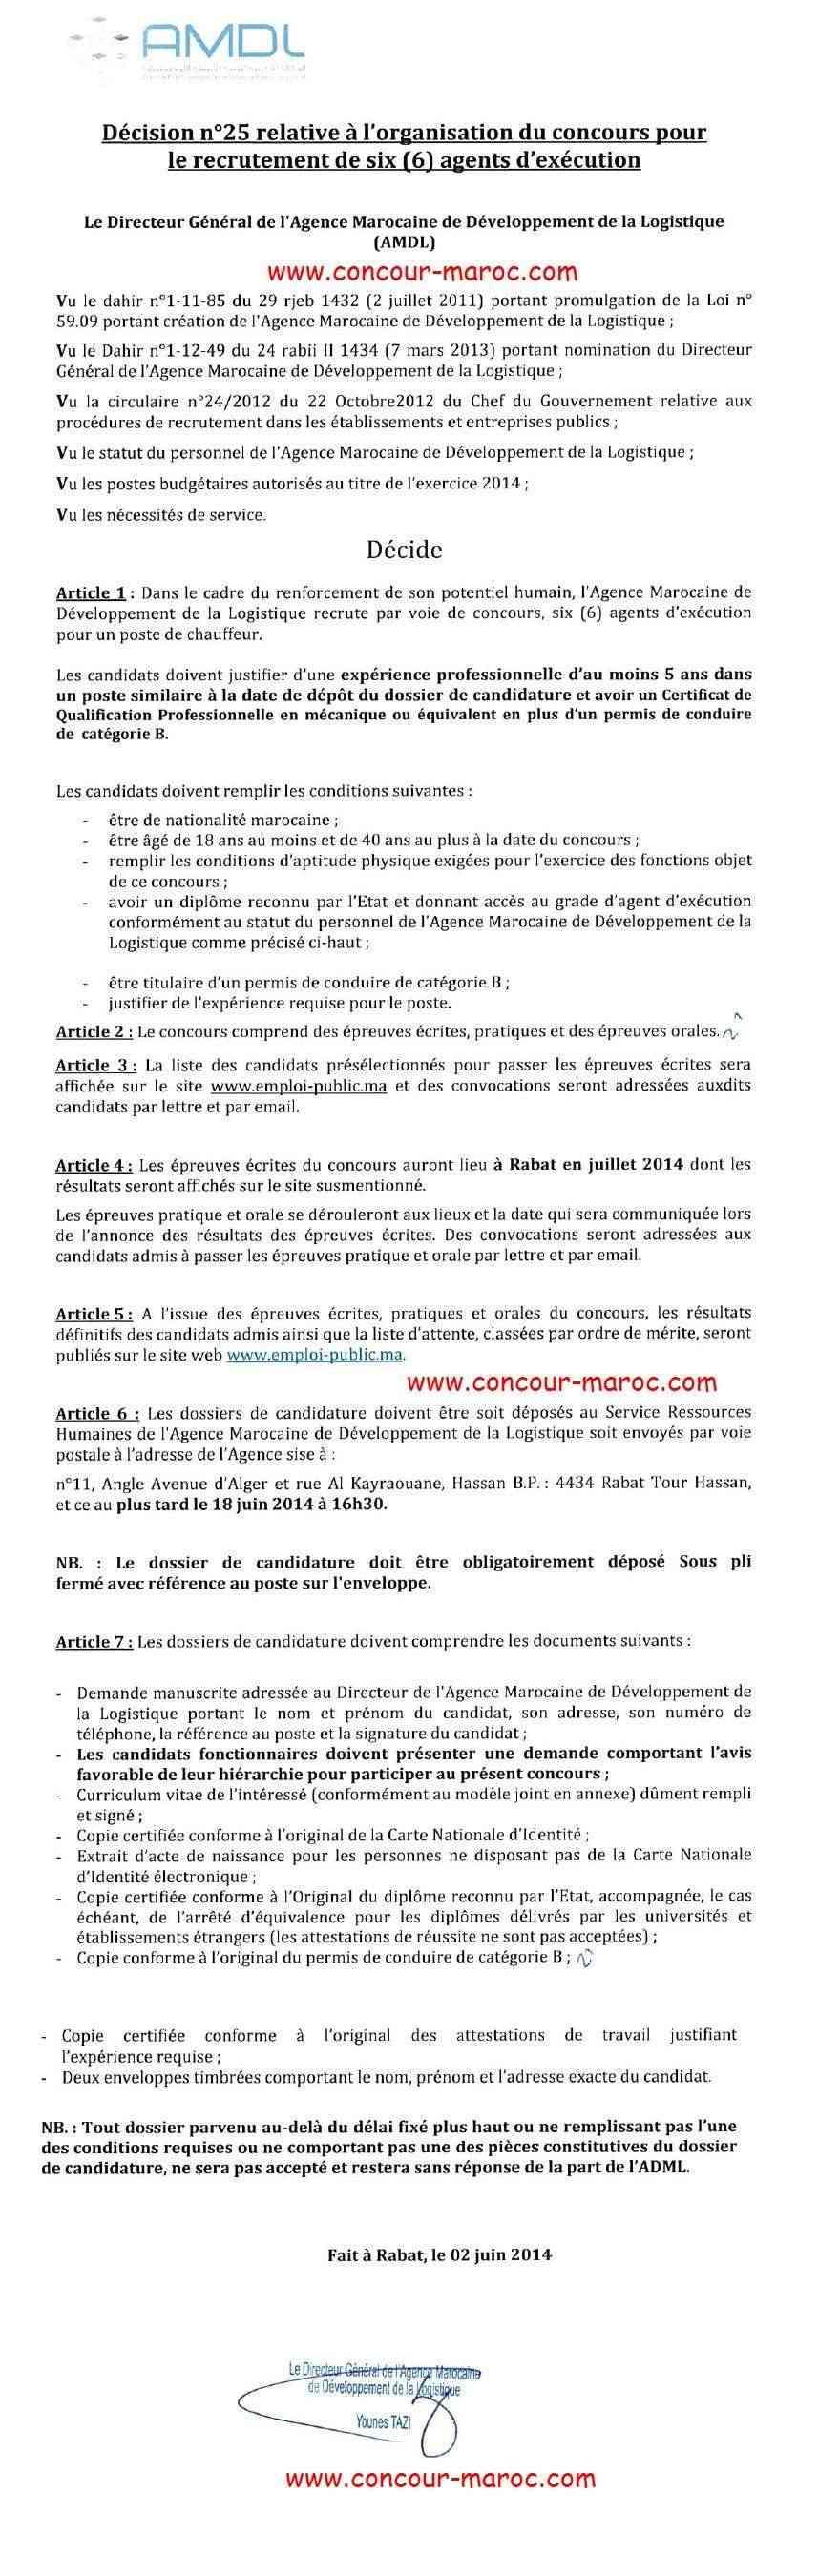 الوكالة المغربية لتنمية الأنشطة اللوجستيكية : مباراة لتوظيف عون تمكين (10 مناصب) و عون تنفيذ (6 مناصب) آخر أجل لإيداع الترشيحات 18 يونيو 2014 Concou63